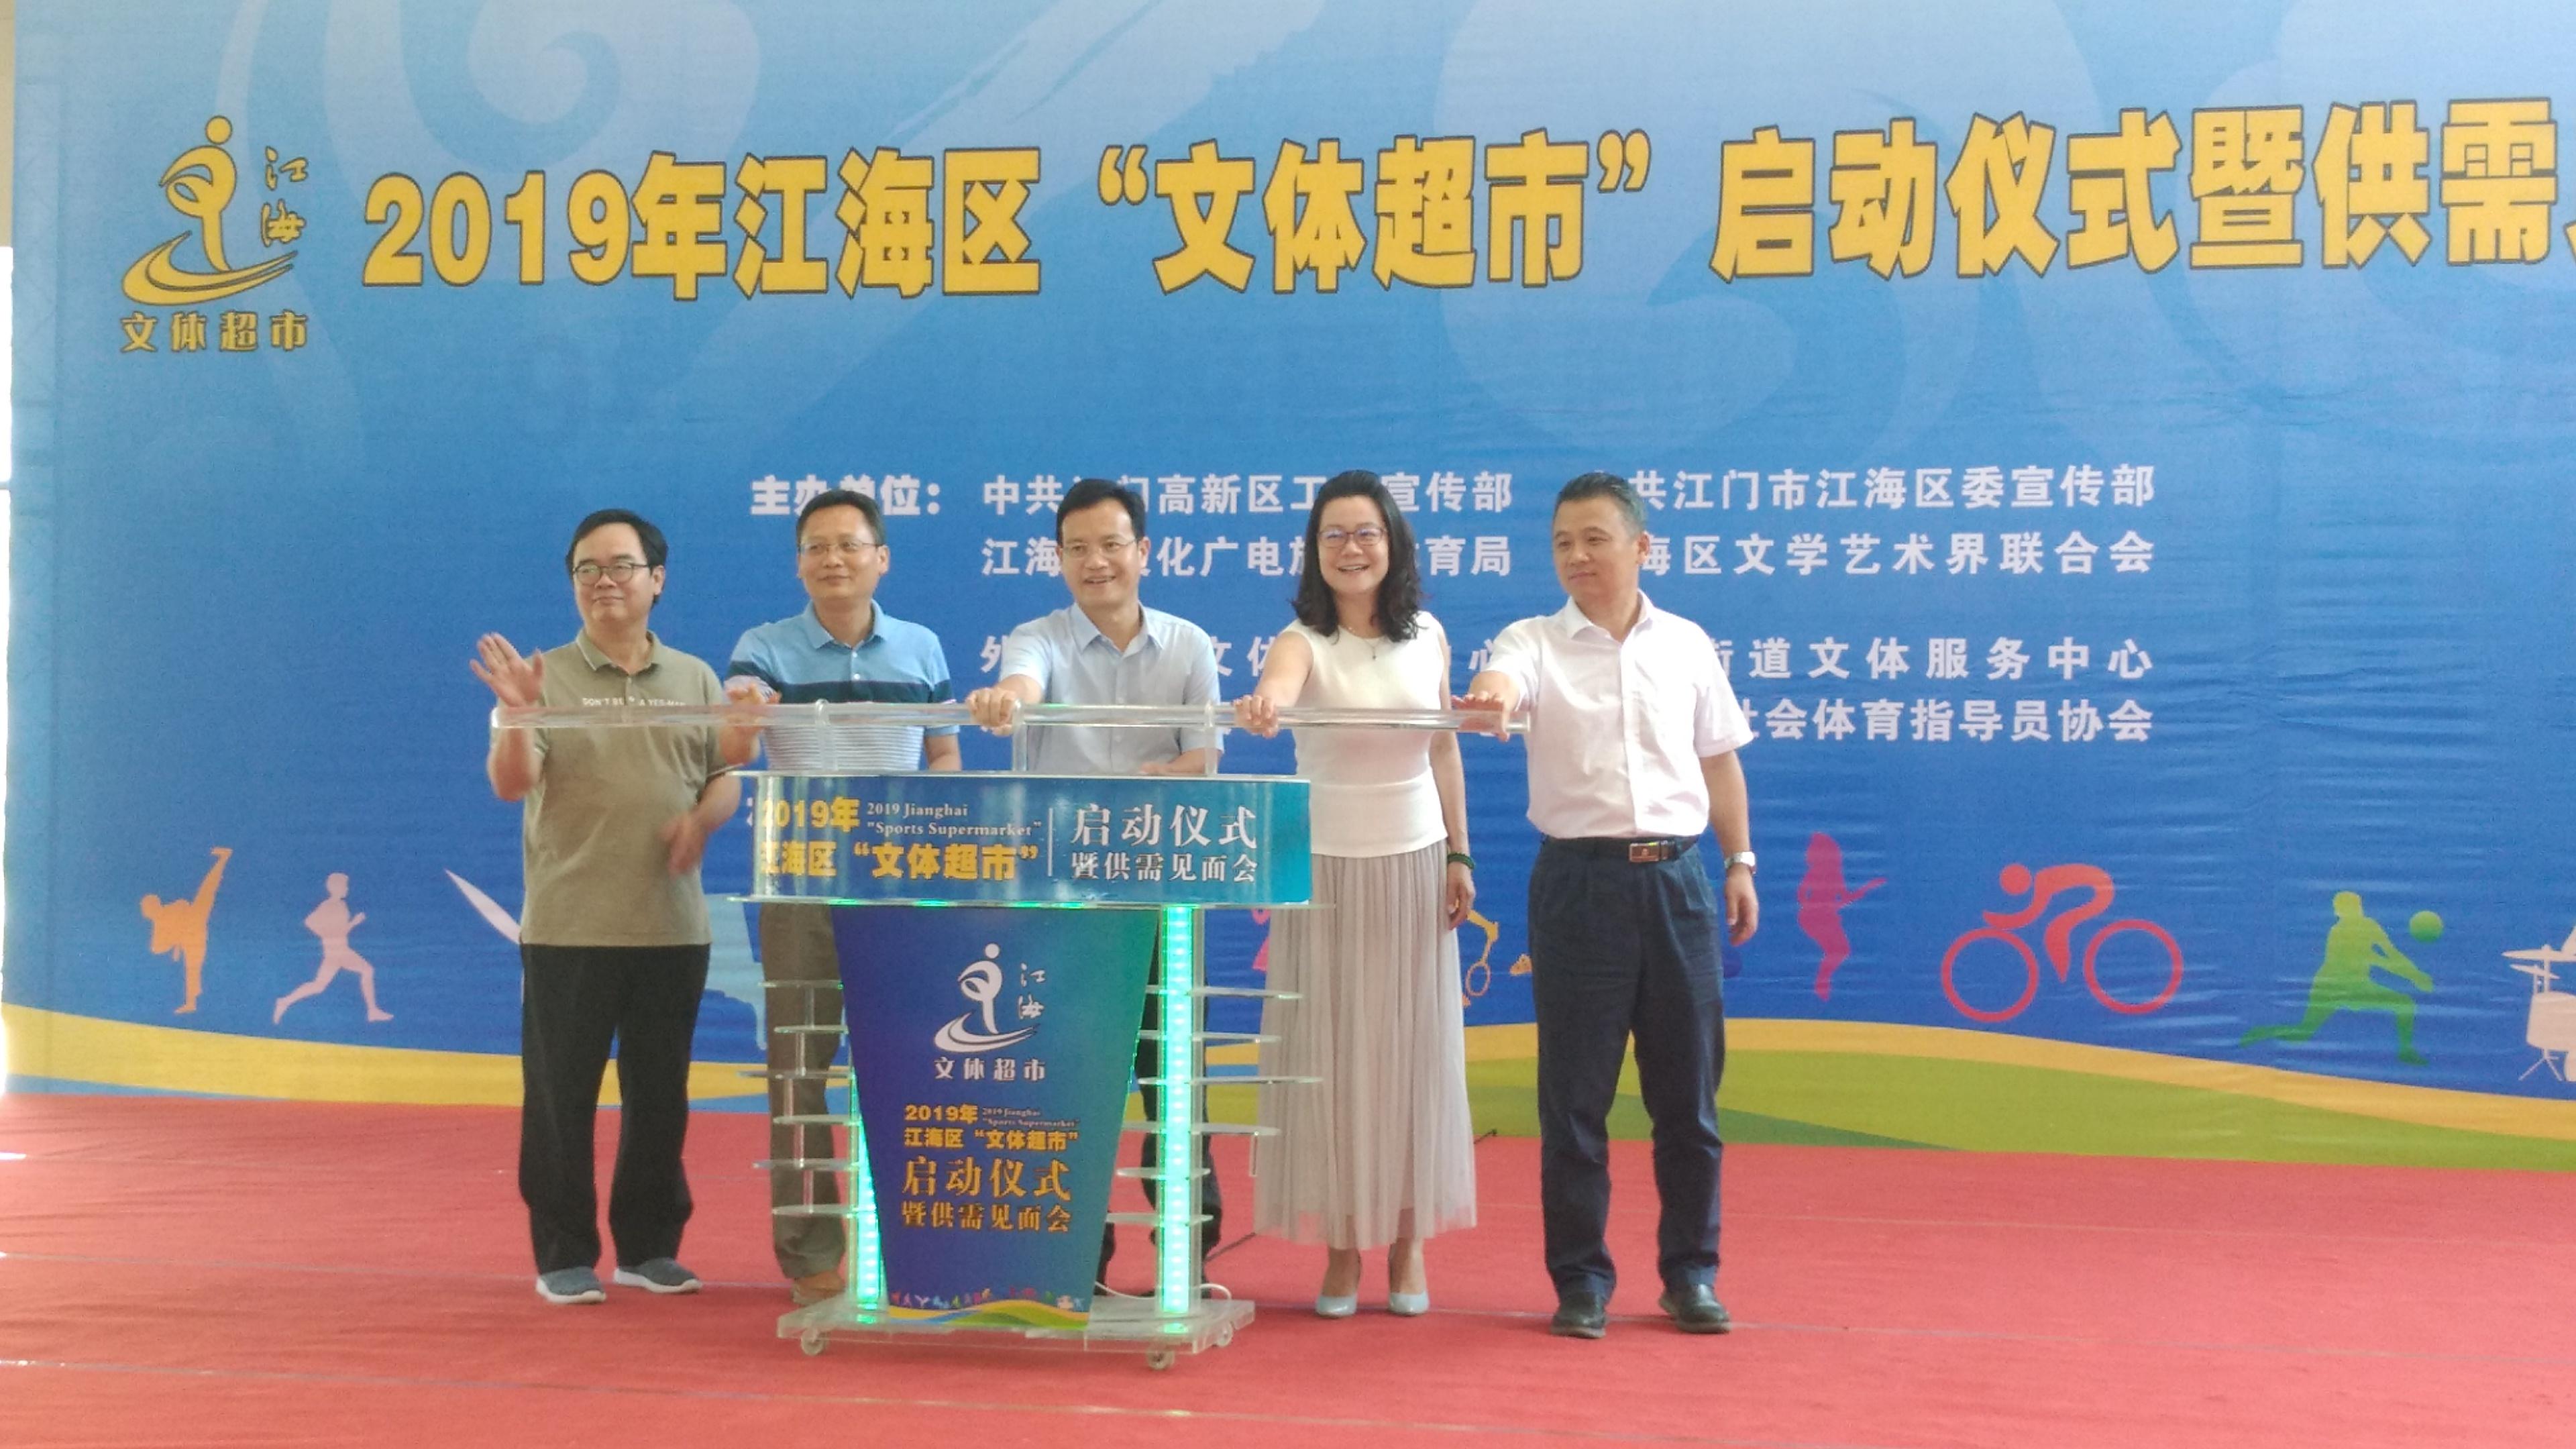 """江海区""""文体超市""""启动 今年提供200多场公共文化活动"""